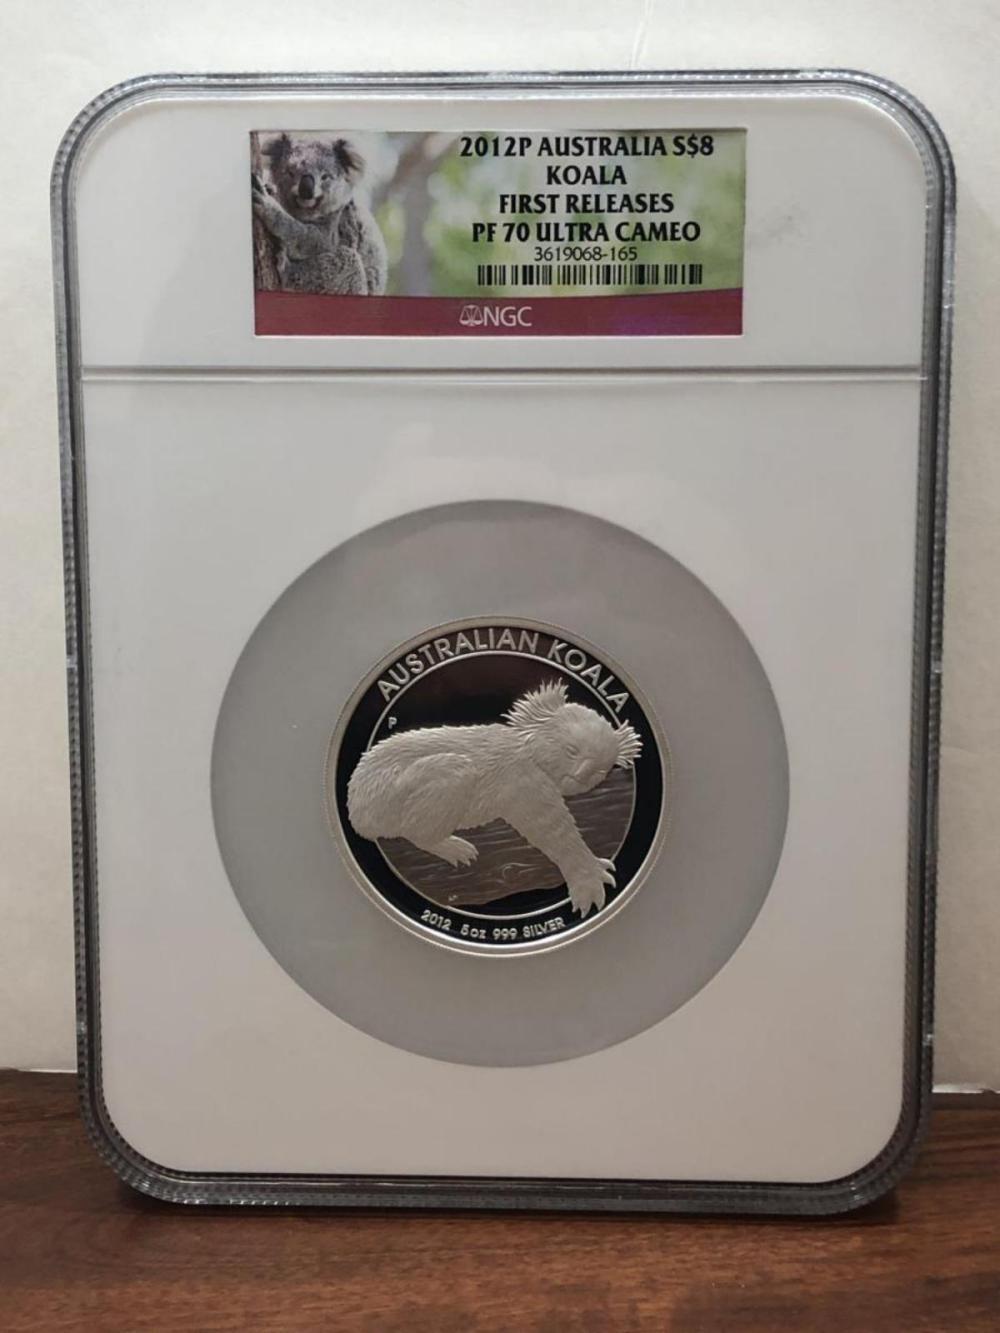 2012 $8 Silver Proof Koala Australia NGC PF70